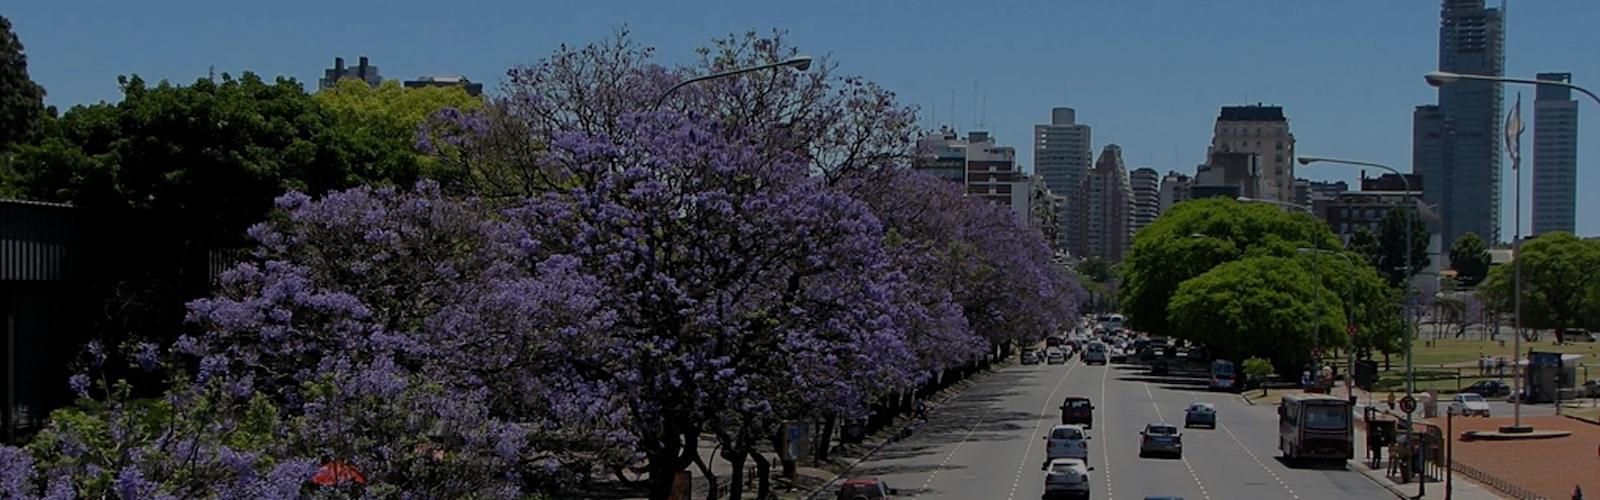 Аргентина. Легенда о фиалковом дереве